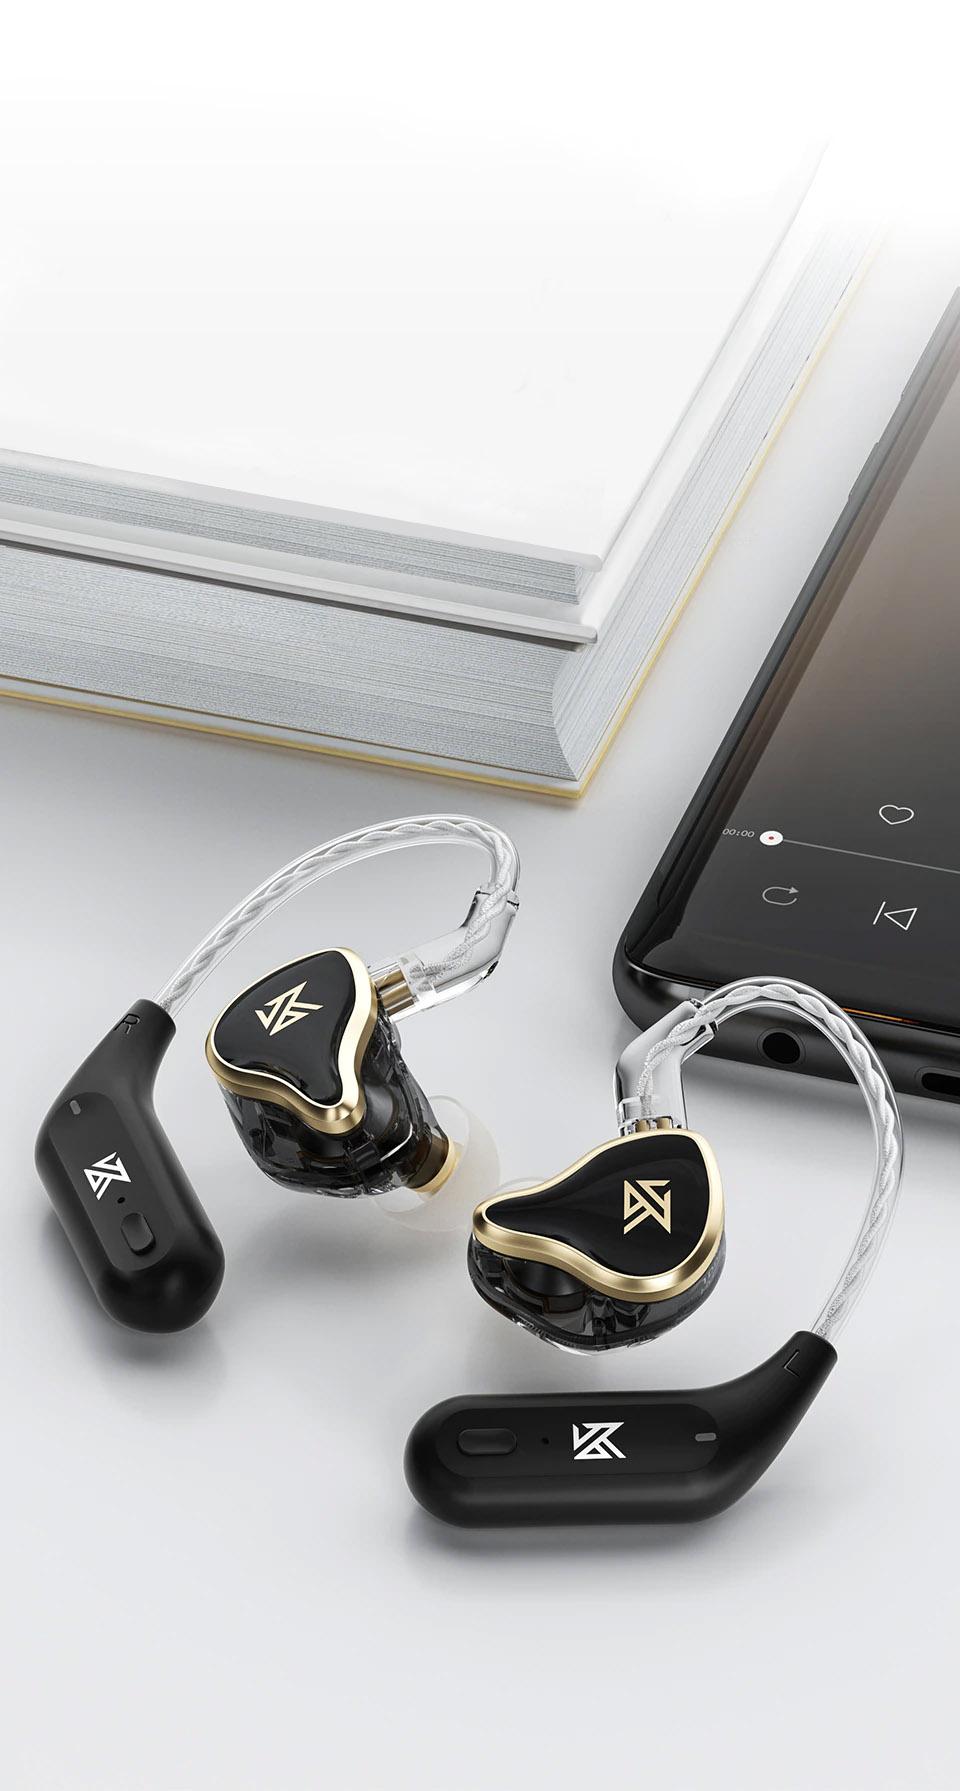 KZ ZAS with KZ AZ09 BT Ear hook